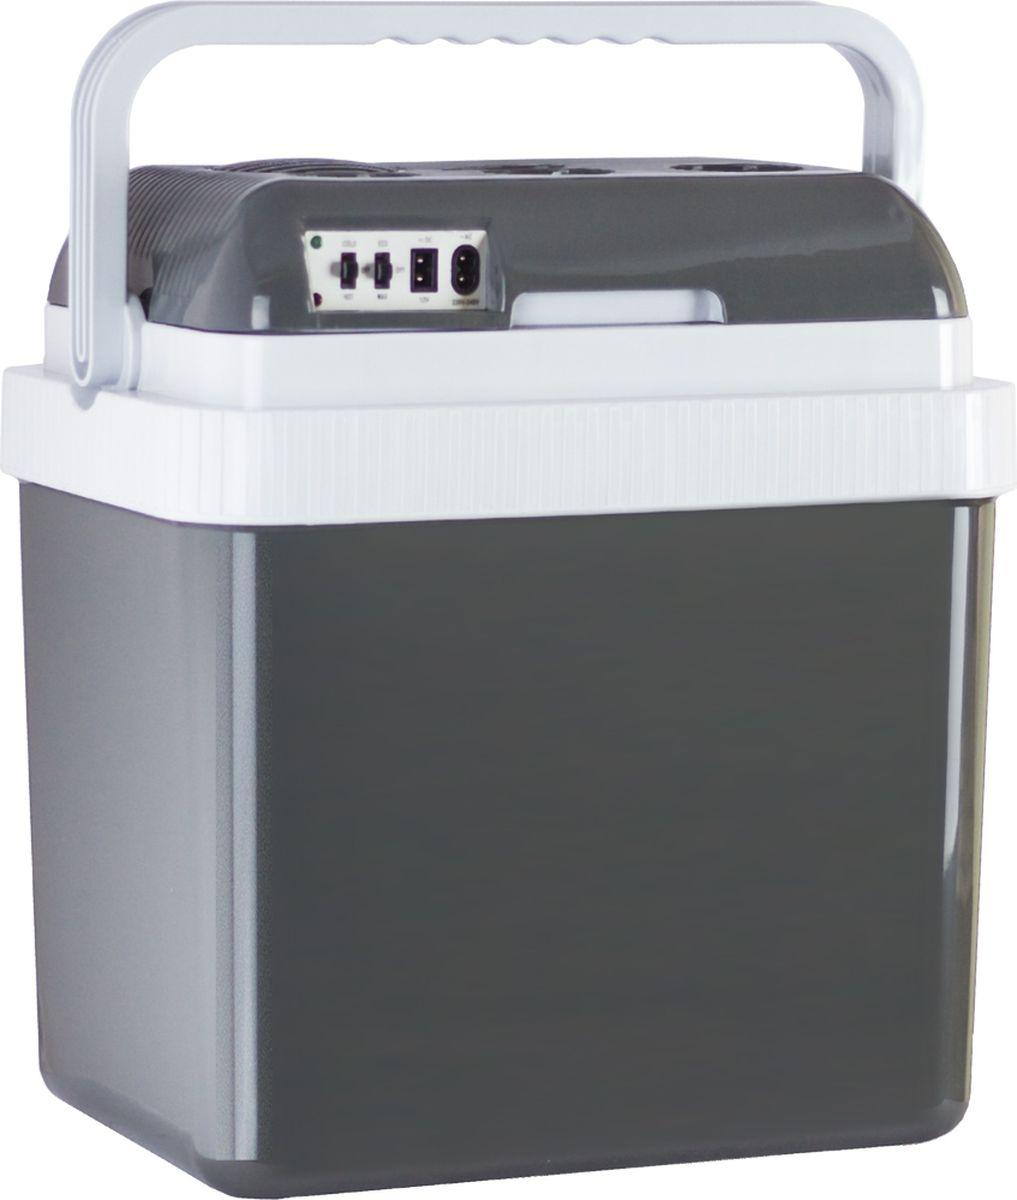 Aqua Work YT-A-24X автохолодильник19200Автохолодильник Aqua Work YT-A-24X с полезной емкостью 24 литра несомненно завоюет популярность у профессиональных водителей, строителей, туристов, любителей пикников на свежем воздухе и других людей, проводящих много времени в дороге. Изготовлен из прочного качественного пищевого пластика. Темно-серый глянцевый корпус со светлыми вставками смотрится очень эффектно, а широкая эргономичная ручка позволяет без труда переносить холодильник с места на место.Подключается к автомобильному прикуривателю и к обычной электрической розетке 220В, что делает его практически незаменимым в любых условиях: в дальней дороге, на природе, на даче, в общежитии, на работе, если в вашем офисе нет стационарного холодильника, и даже по пути из супермаркета, например, если вы купили мороженое и попали в автомобильную пробку.С этим холодильником можно не волноваться о сохранности продуктов. Толстые стенки надежно удерживают температуру внутри, а мощный вентилятор способствует равномерному распределению тепла или холода (в зависимости от заданного режима работы).В комплекте поставки: два шнура и съемная перегородка, разделяющая полезный отсек на две части для удобного хранения продуктов различного типа (например бутылей с водой и продуктов питания).Длина шнура для подключения к автоприкуривателю 12В - 180 см, что позволяет с комфортом разместить работающий прибор на задней сиденье машины. Длина шнура для электрической розетки - 150 см.Для удобства длительного непрерывного использования холодильник оснащен функцией ECO, позволяющей ему работать в сберегающем режиме и экономить потребляемую энергию при подключении к электрической розетке (220В).Энергопотребление: 58 Вт охлаждение / 52 Вт нагревЭнергопотребление от 12В: 48 Вт охлаждение / 40 Вт нагревПотребление в ECO-режиме: 8 ВтНагрев: до 65°СОхлаждение: на 20°С ниже окружающей среды